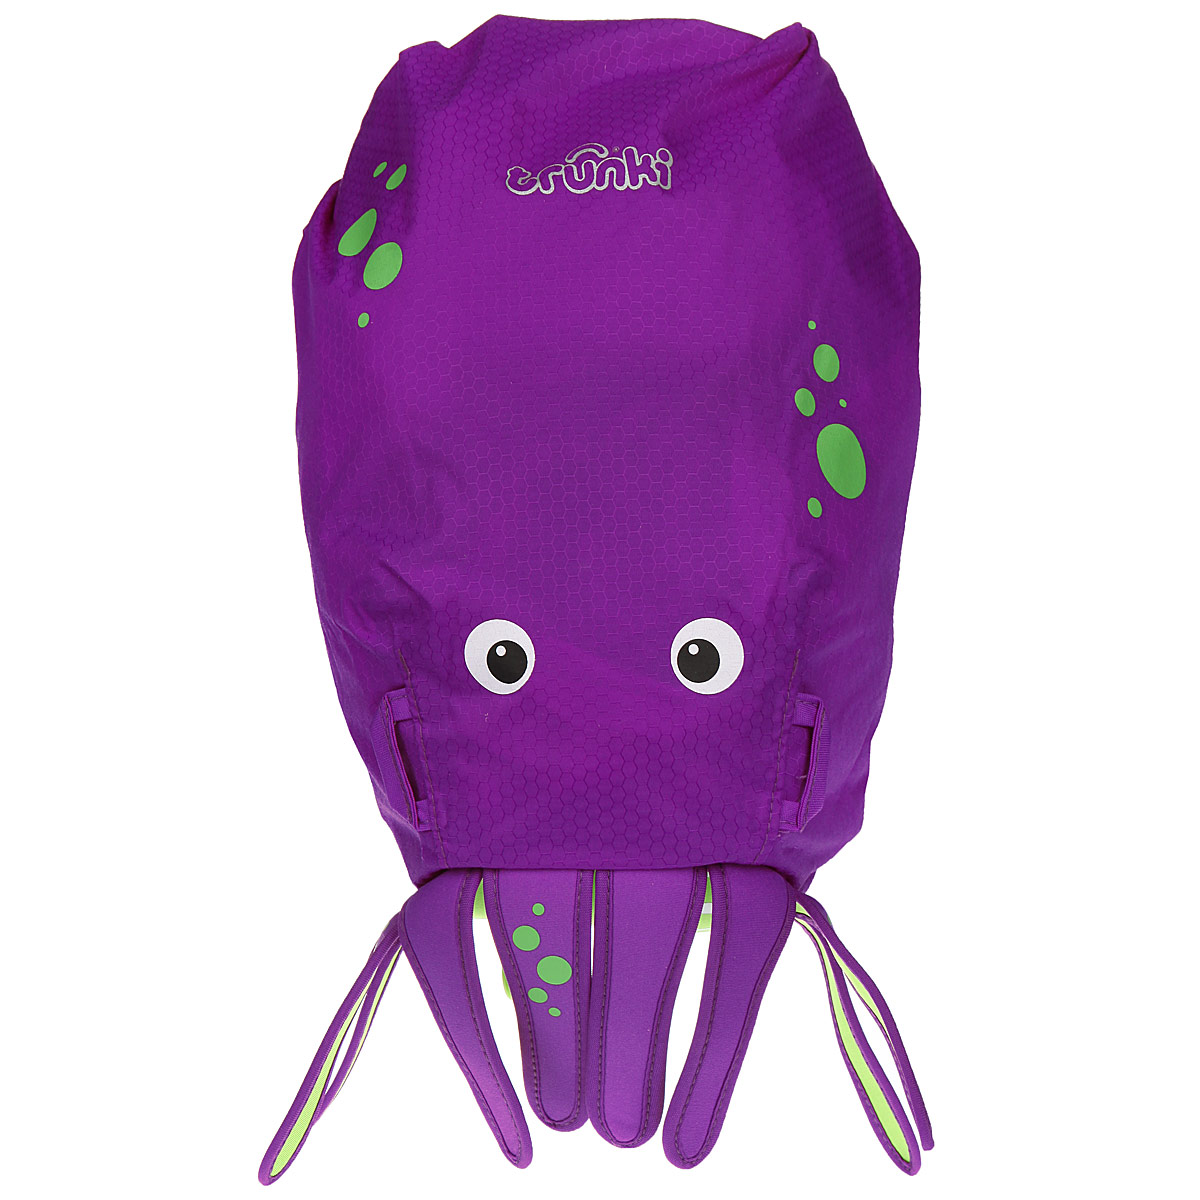 Детский рюкзак для бассейна и пляжа Trunki Осьминог, цвет: фиолетовый, салатовый, 7,5 л0114-GB01Детский рюкзак для бассейна и пляжа Trunki Осьминог - великолепный подарок для маленьких спортсменов и путешественников.Выполнен из прочного и водоотталкивающего материала в виде осьминога. Рюкзак состоит из вместительного отделения, закрывающегося с помощью скрутки, которая также сохранит содержимое и защитит от проникновения воды. Благодаря широкой горловине рюкзака в него очень удобно складывать вещи.Конструкция спинки дополнена противоскользящей сеточкой и системой вентиляции для предотвращения запотевания спины ребенка. Мягкие широкие лямки позволяют легко и быстро отрегулировать рюкзак в соответствии с ростом. На правой лямке рюкзака предусмотрено специальное крепление Trunki grip, с помощью которого можно подвесить детские солнцезащитные очки. Рюкзак оснащен петлей для подвешивания. Также имеет светоотражающие элементы и карман в нижней части рюкзака, куда можно положить различные мелочи.Рюкзак Trunki Осьминог прекрасно подойдет для походов в бассейн и на пляж, поездок, занятий спортом. Ребенку непременно понравится этот яркий стильный аксессуар, который станет для него постоянным спутником.Рекомендуемый возраст: от 3 лет.